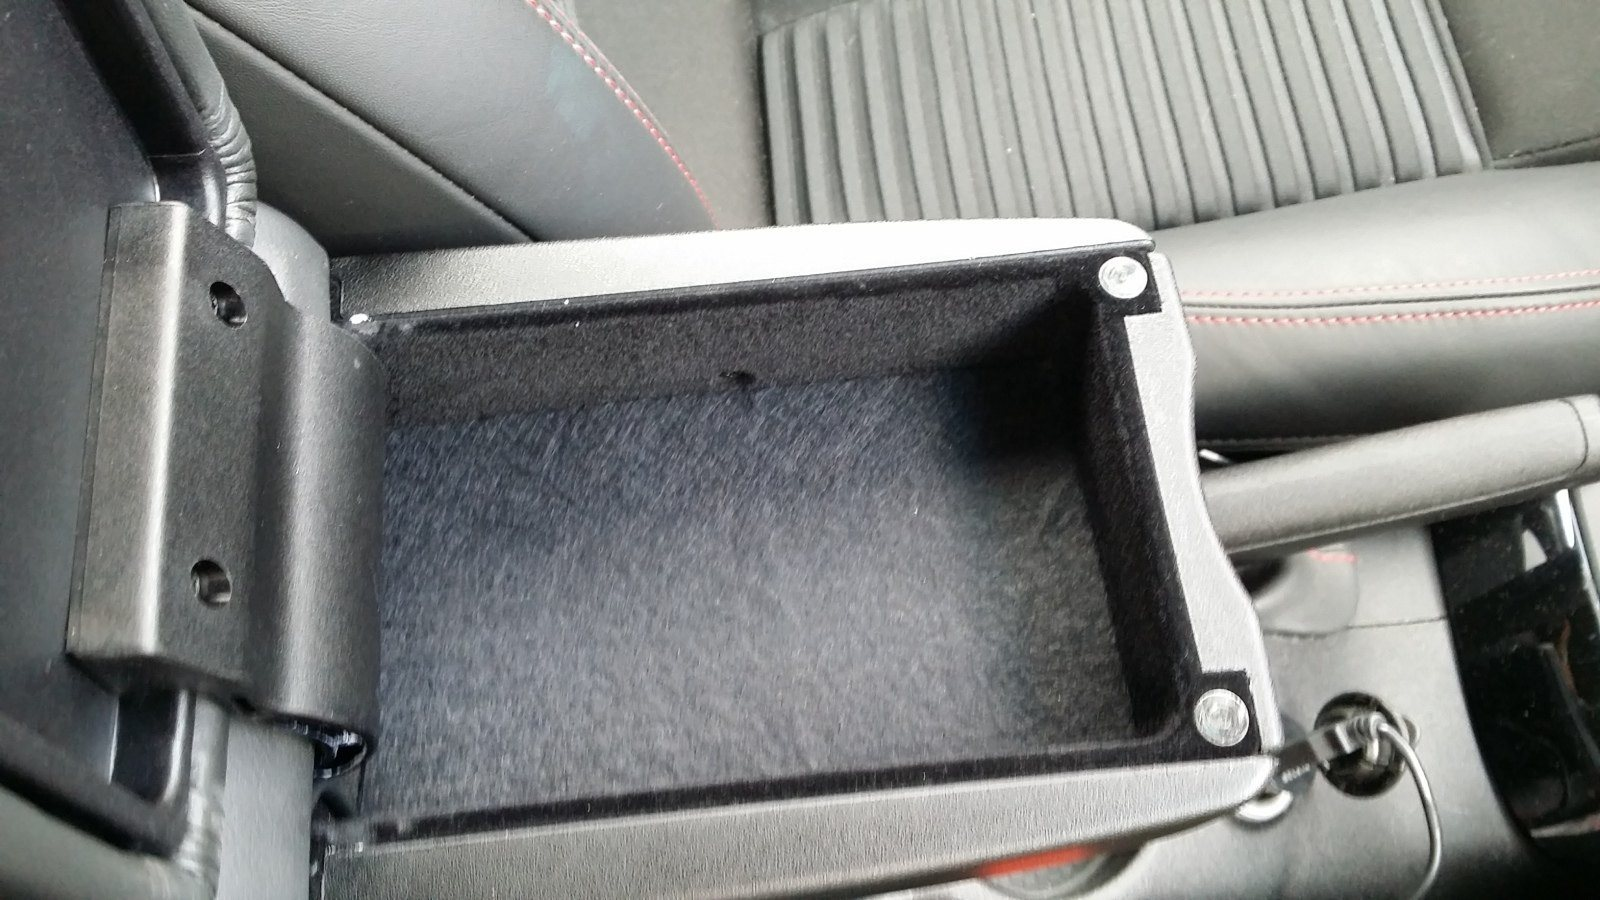 foto [GUIDA] Wireless charging Ricarica Wireless nel porta oggetti - 8